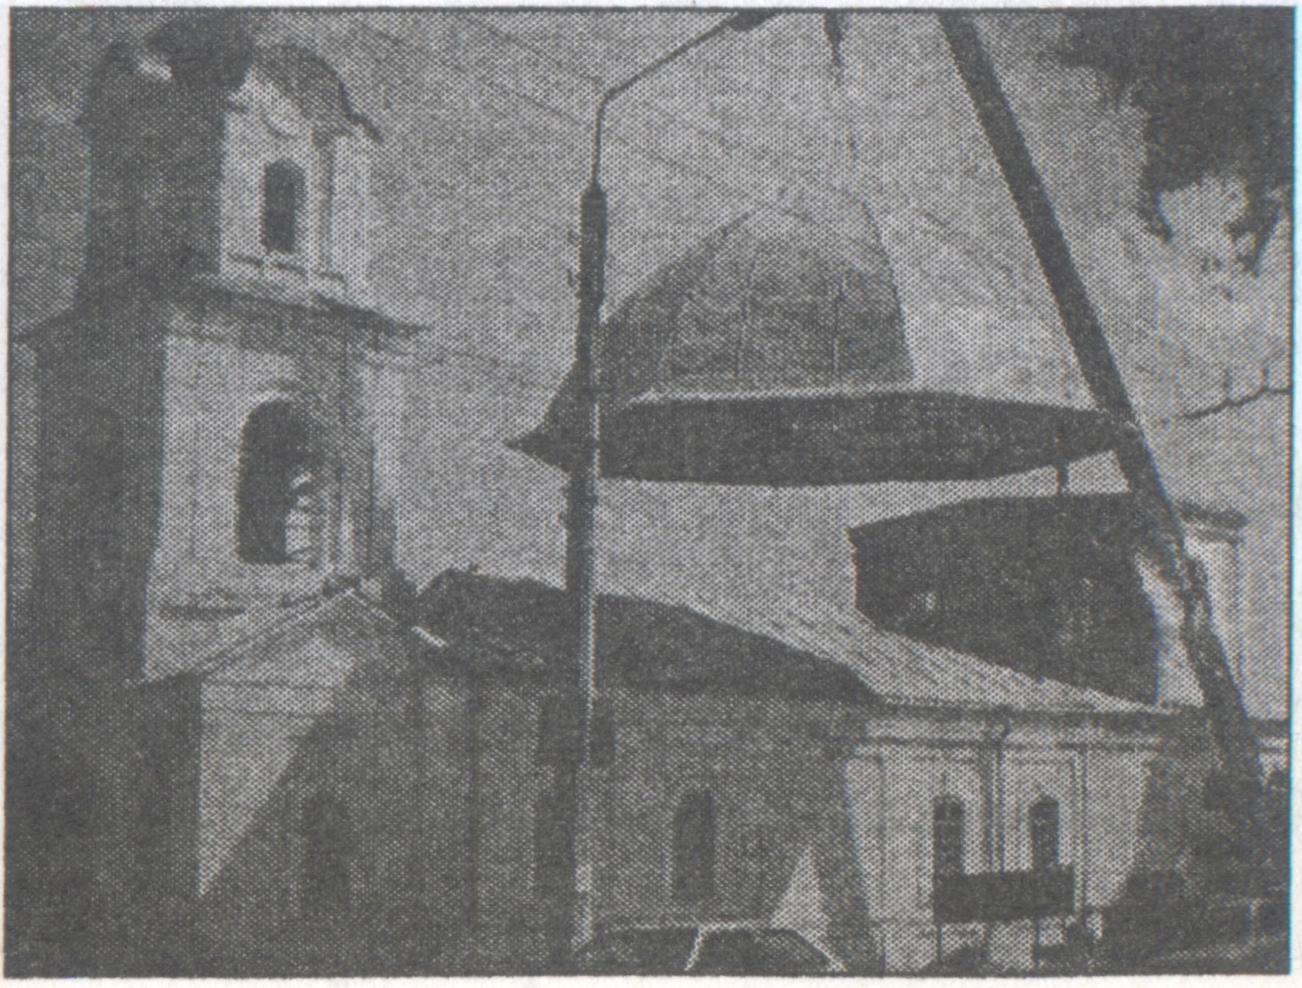 Установка центрального купола. Середина 1990-х